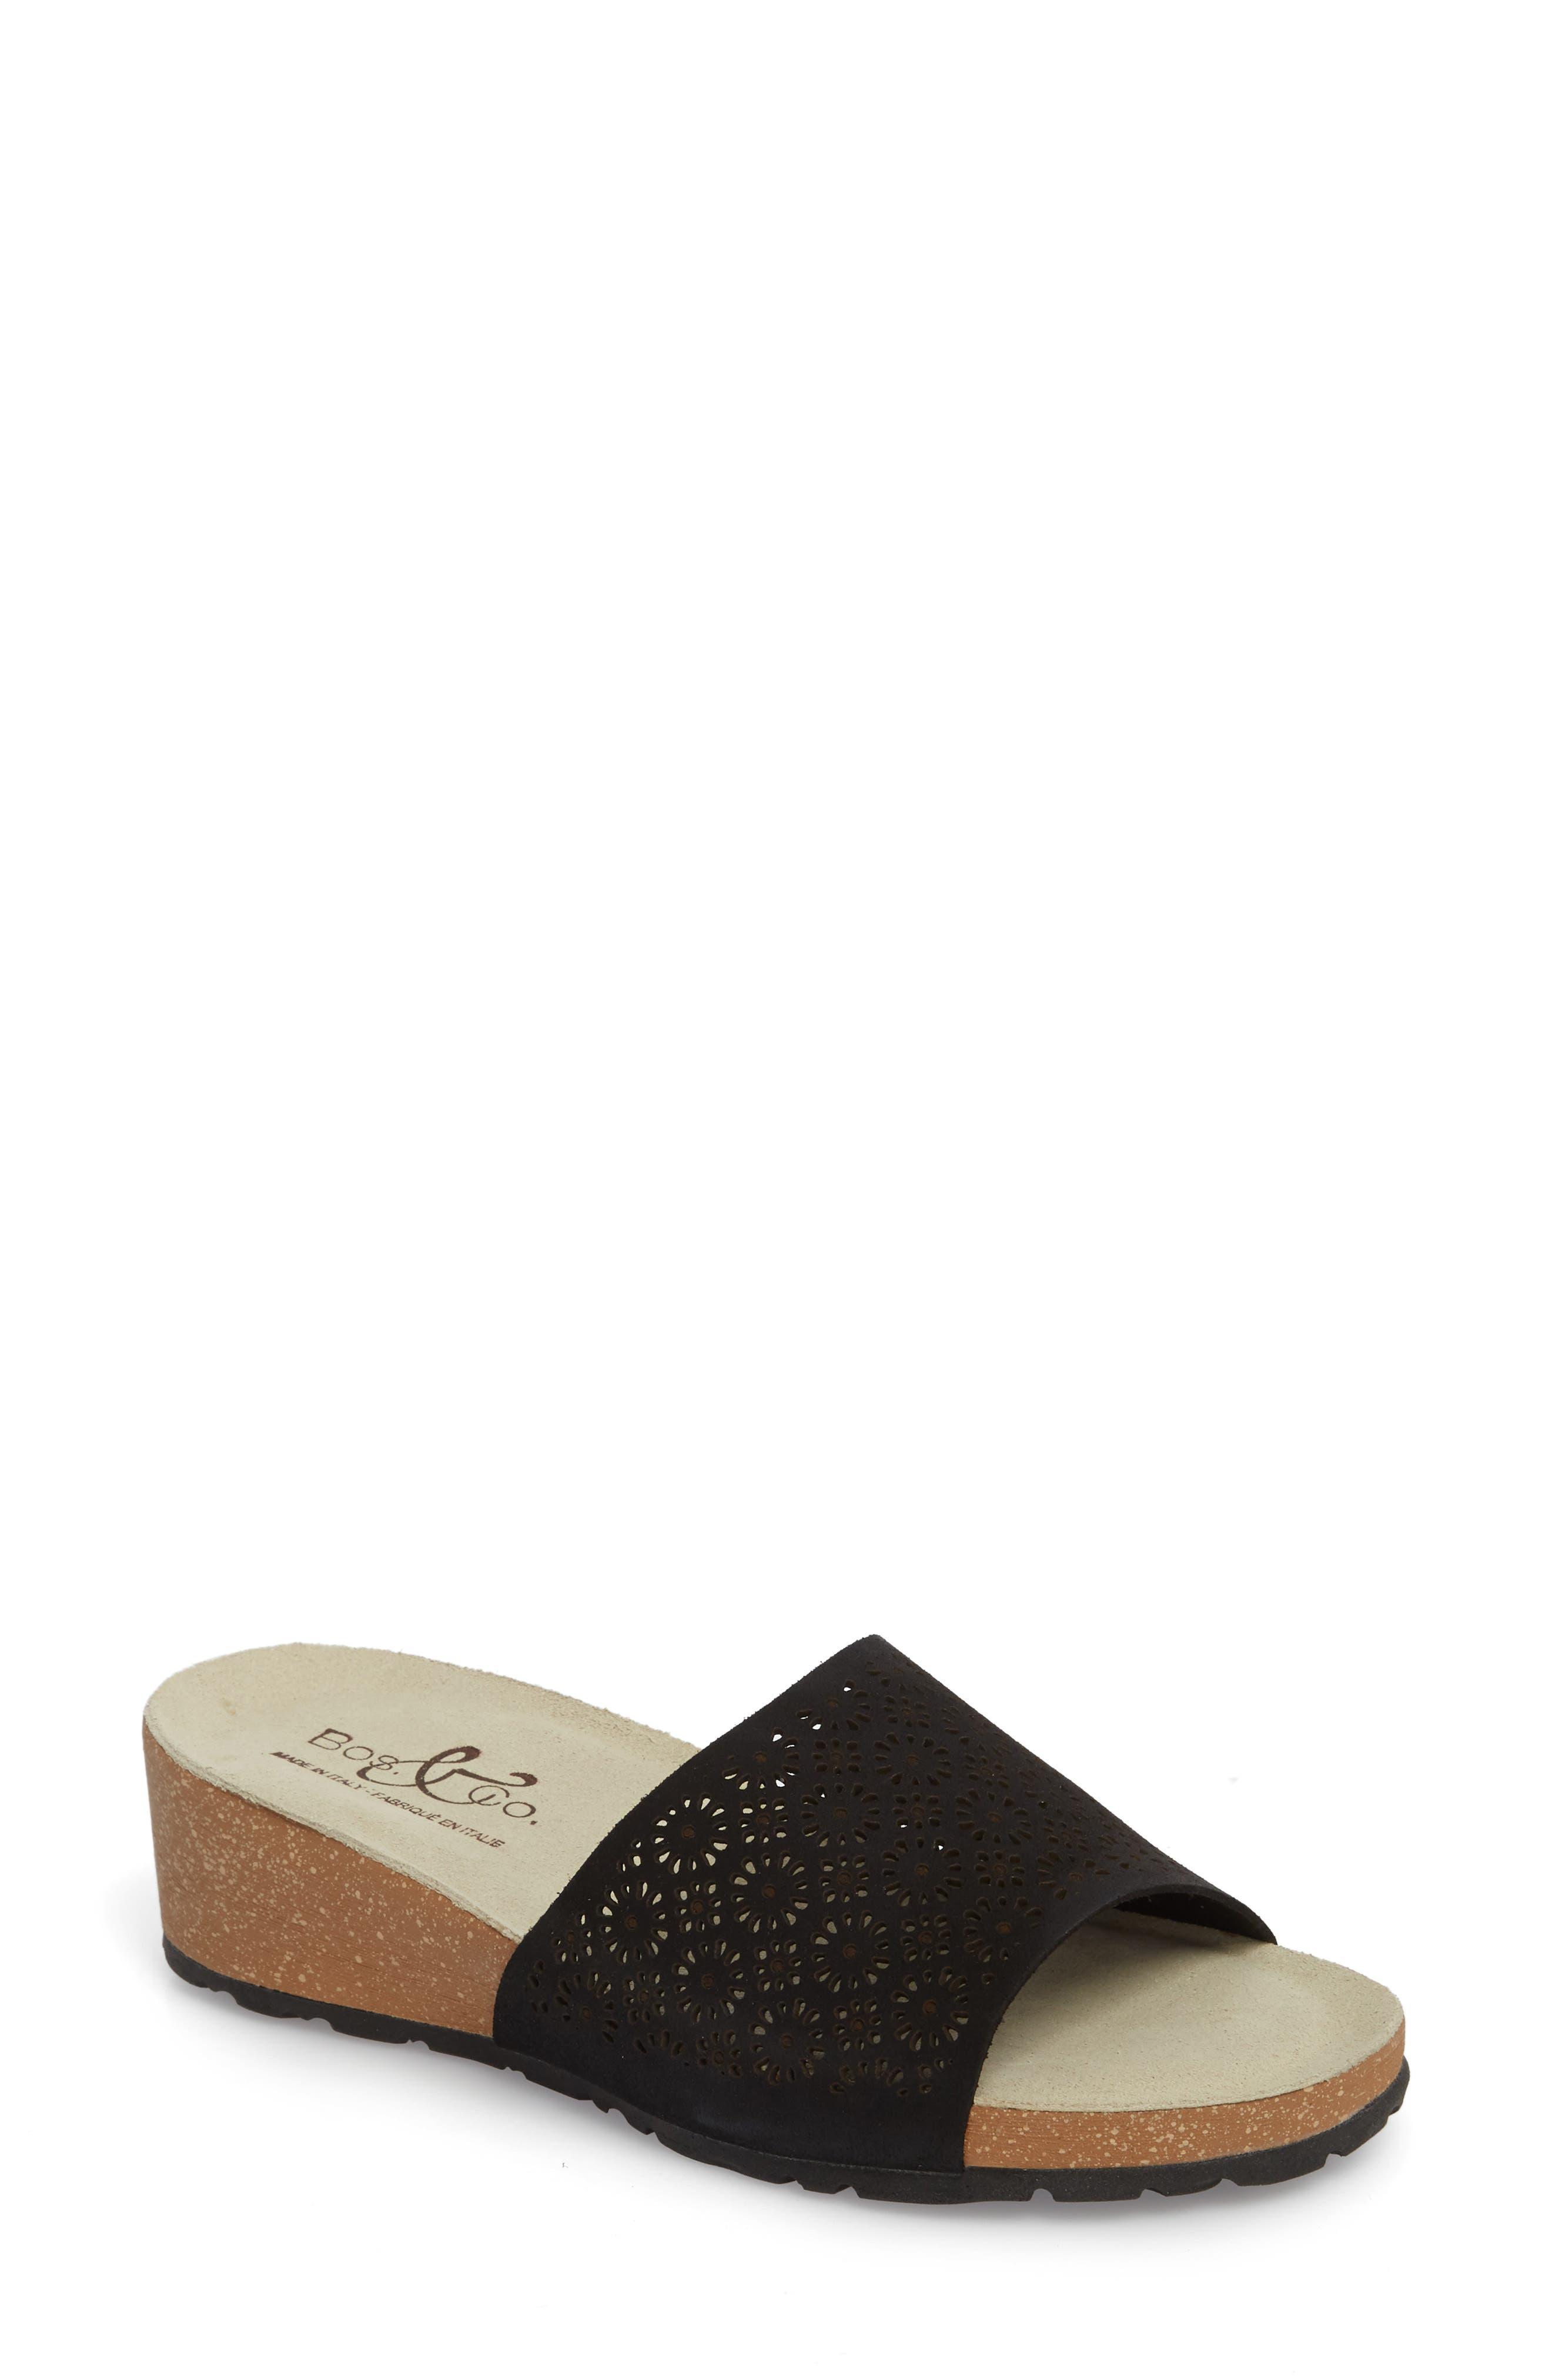 Bos. & Co. Loa Wedge Slide Sandal, Black